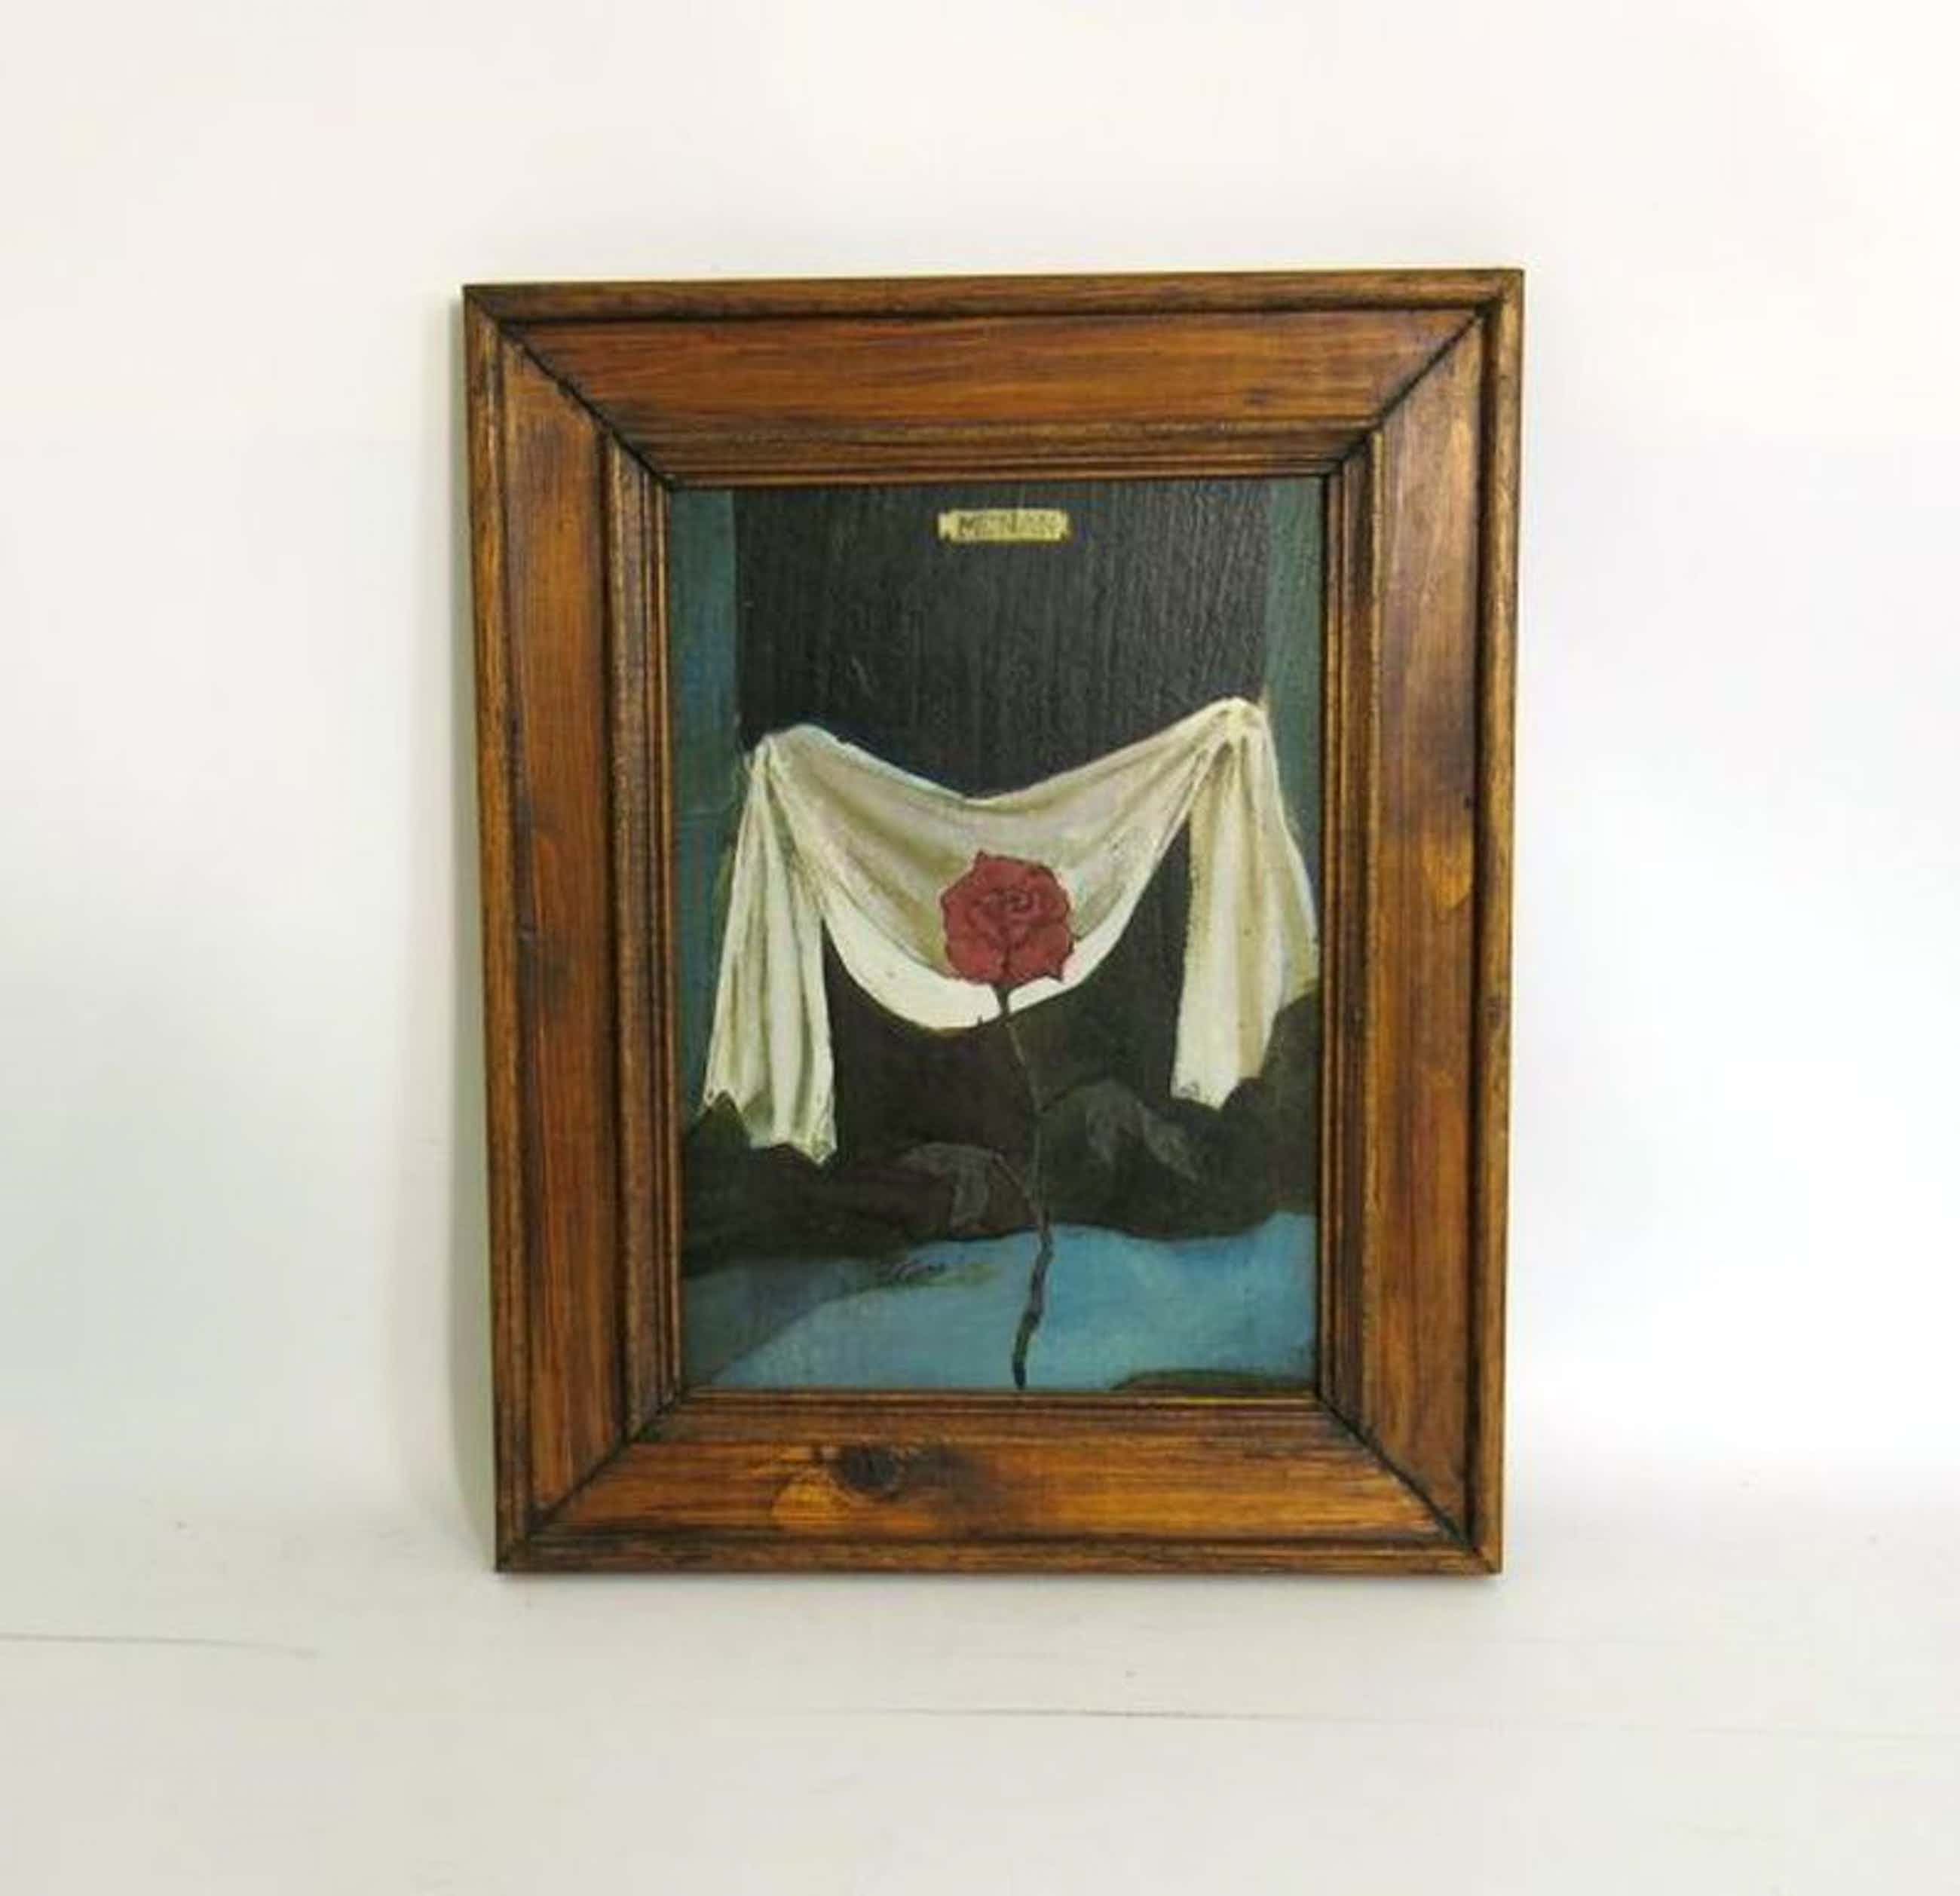 Manuel Menan: Schilderij, Roos voor wit doek kopen? Bied vanaf 40!